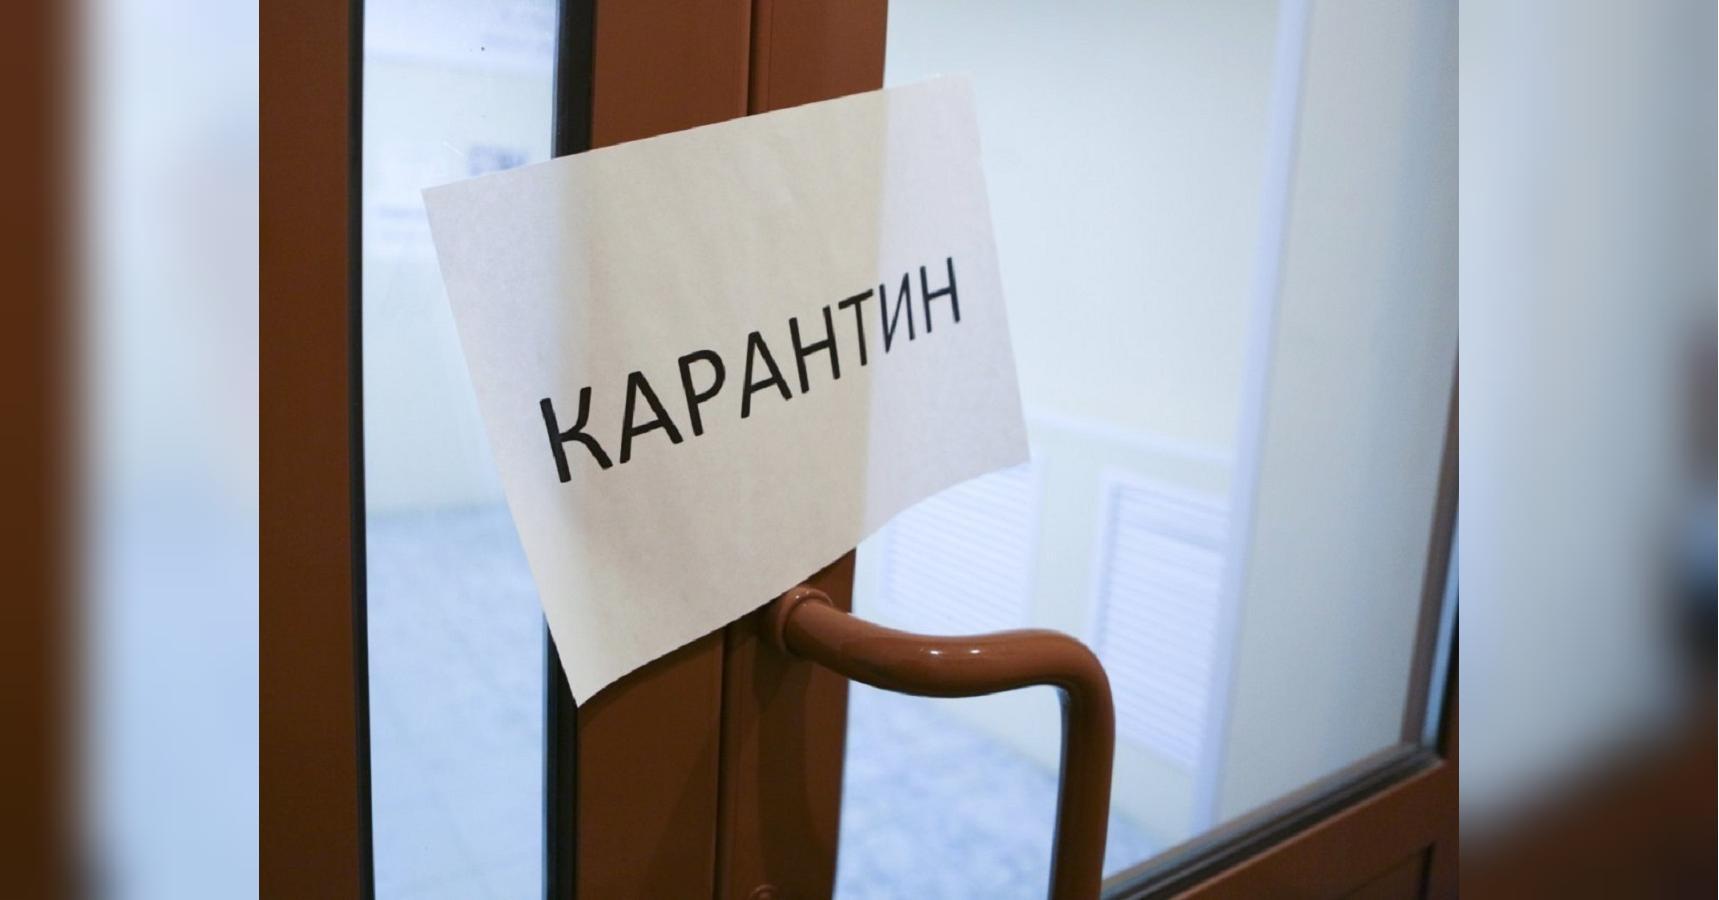 Карантин в Украинене заканчивается. Стало известно, на сколько могут продлить ограничения